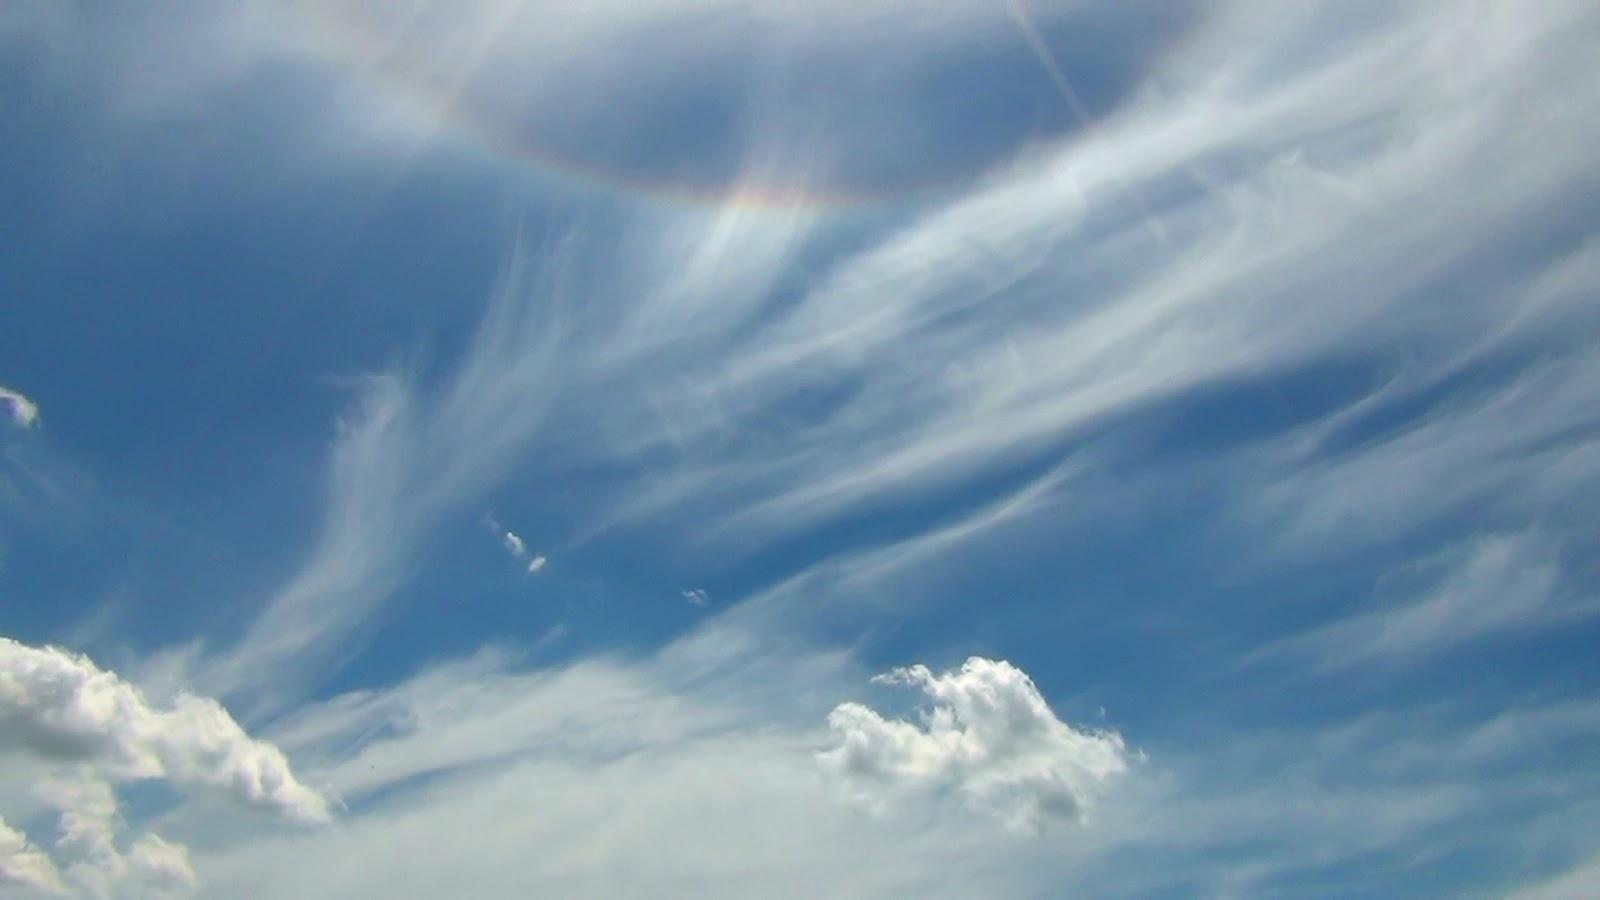 2.bp.blogspot.com/-eVO6XWo8QHY/UW_Lx8hjE1I/AAAAAAAAAm4/LkFs0XRO9cc/s1600/Halo+s%C5%82oneczne+sun+halo+TheUkaszPL.jpg